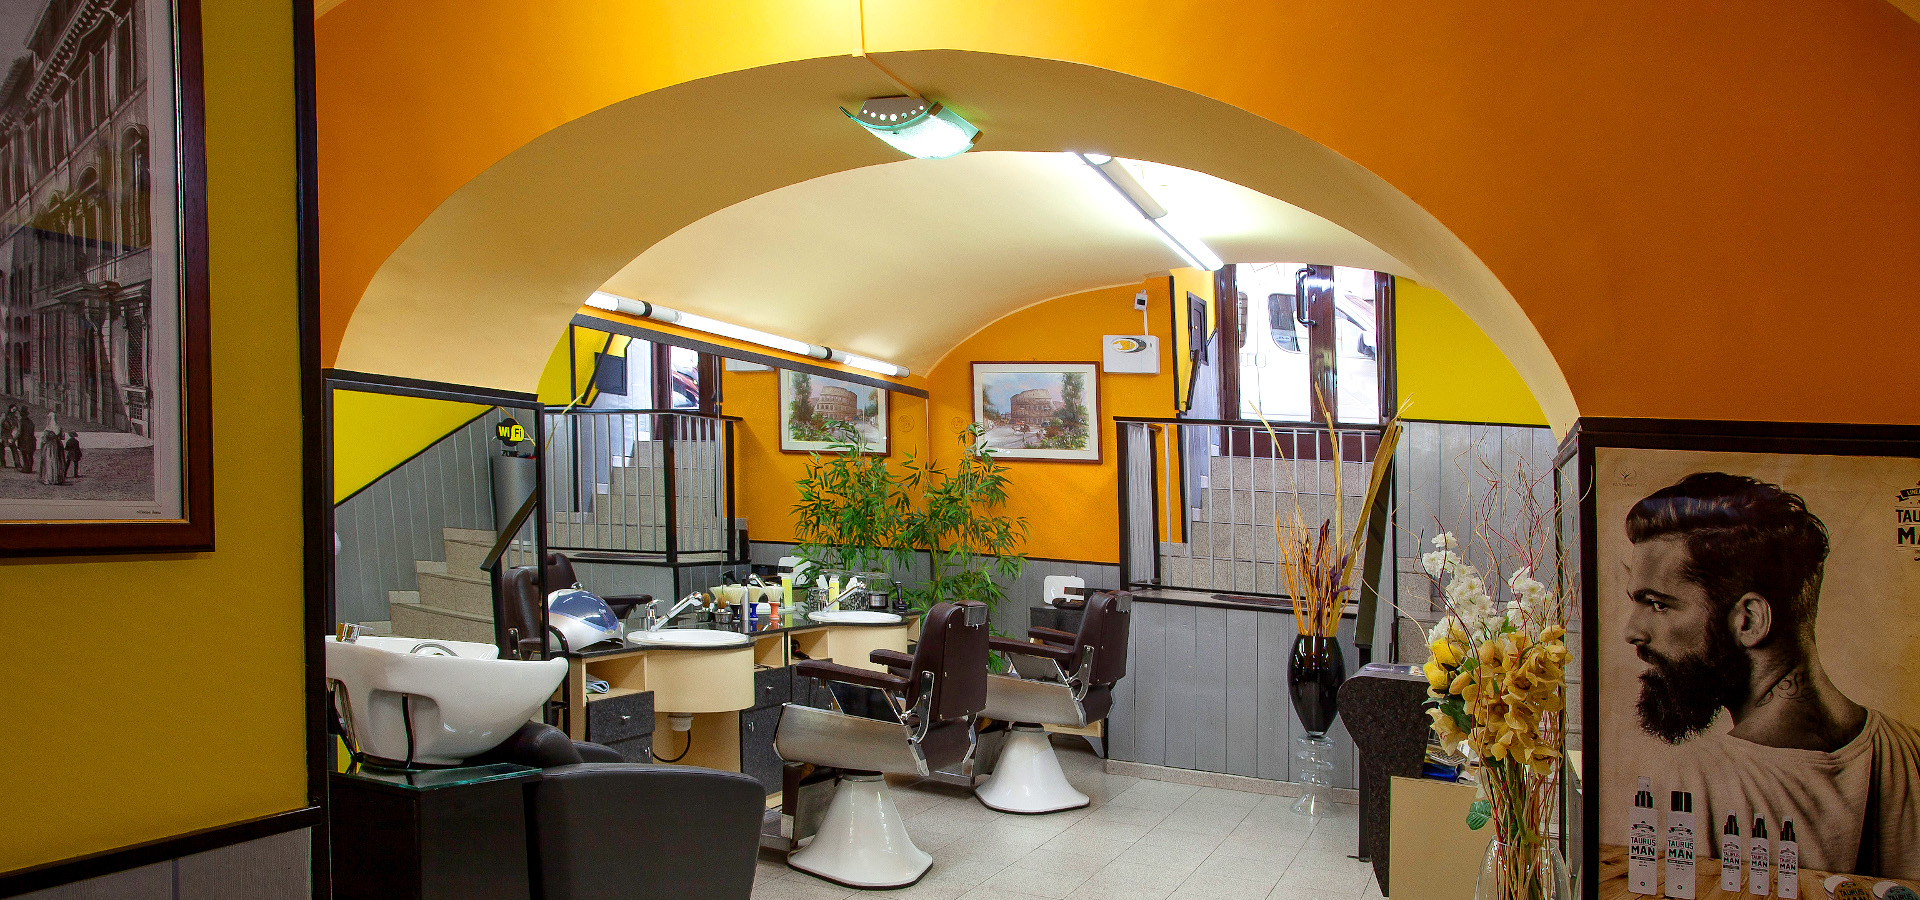 Il salone Barber Shop e parrucchiere di Luca Conti